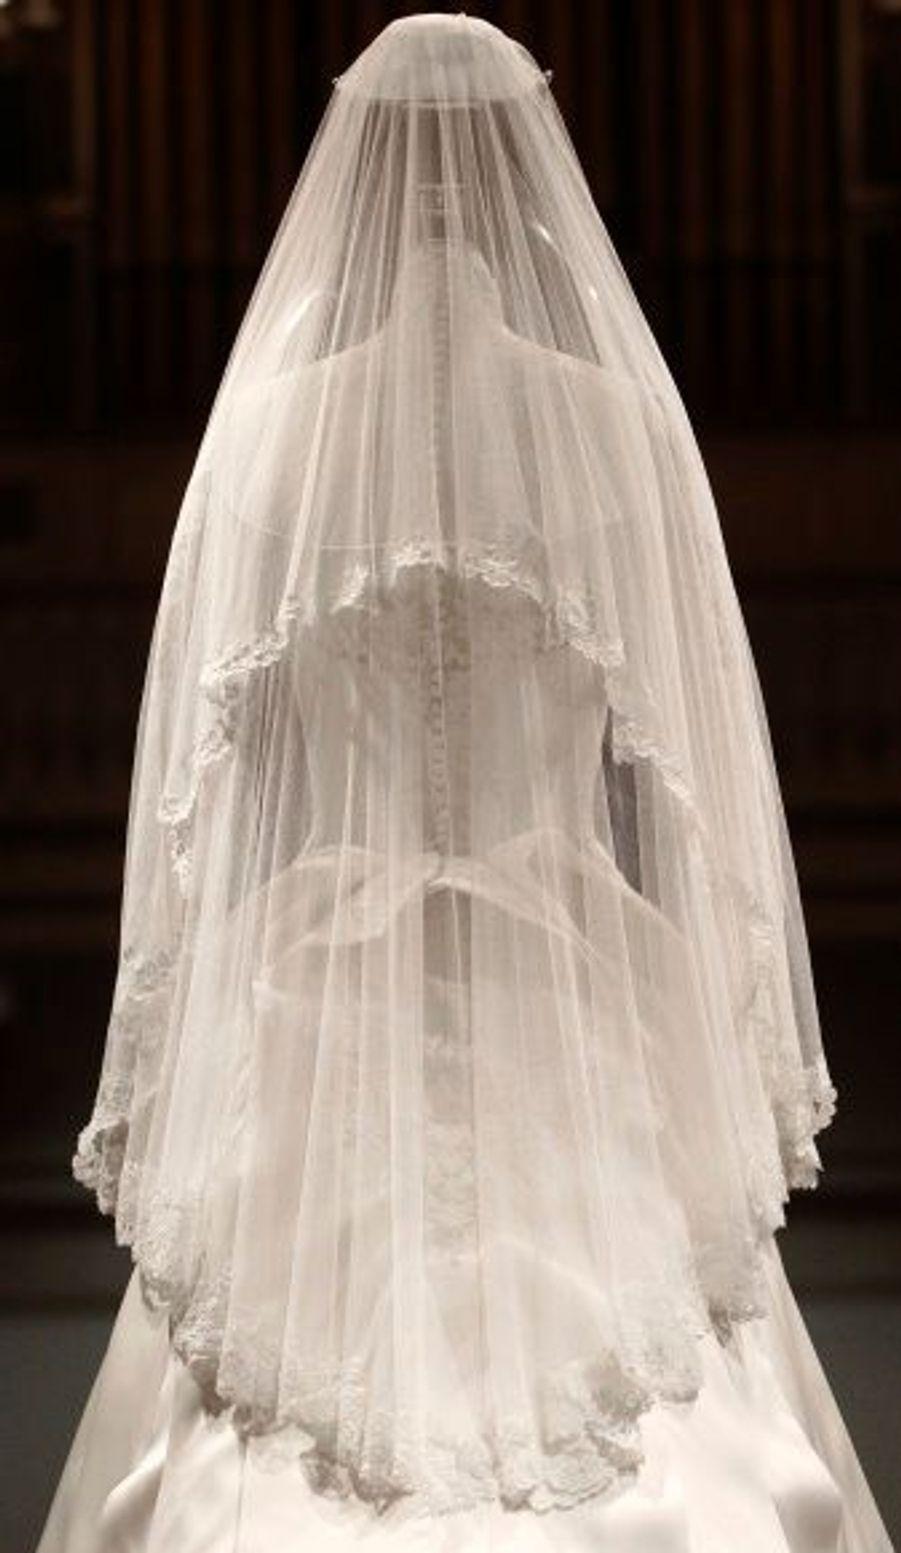 """Le voile en tulle a été bordé à la main par la Royal School of Needlework. Une création de soie dénuée de fioritures pour conférer une """"touche de romantisme"""" à la robe, selon les dires de la styliste."""